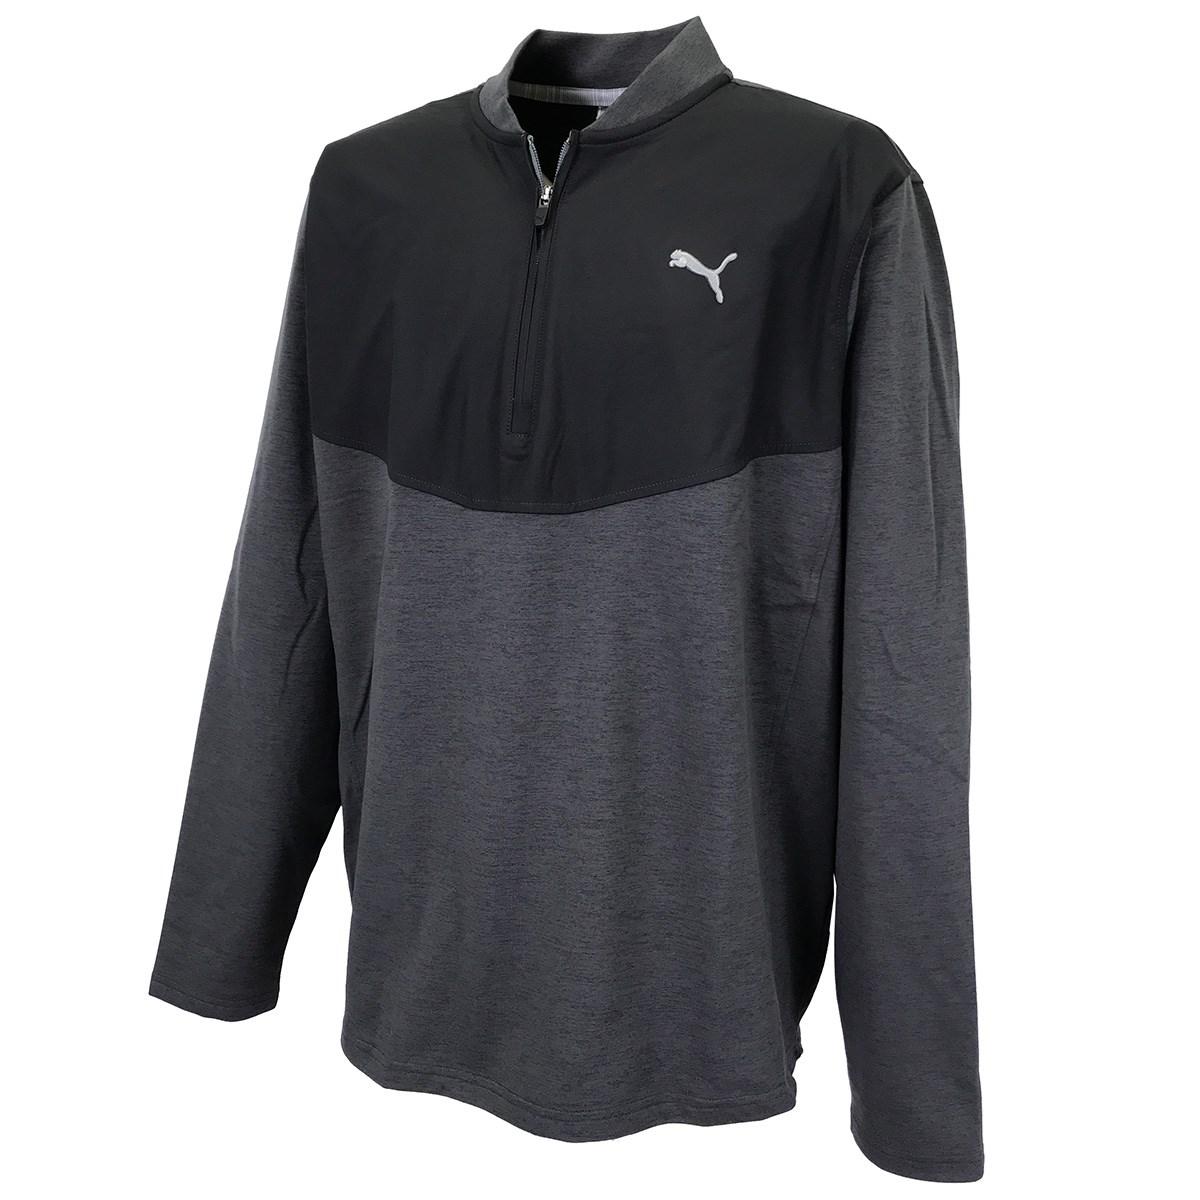 プーマ PUMA クラウドスパン 1/4ジップ 長袖シャツ S プーマブラックヘザー 01